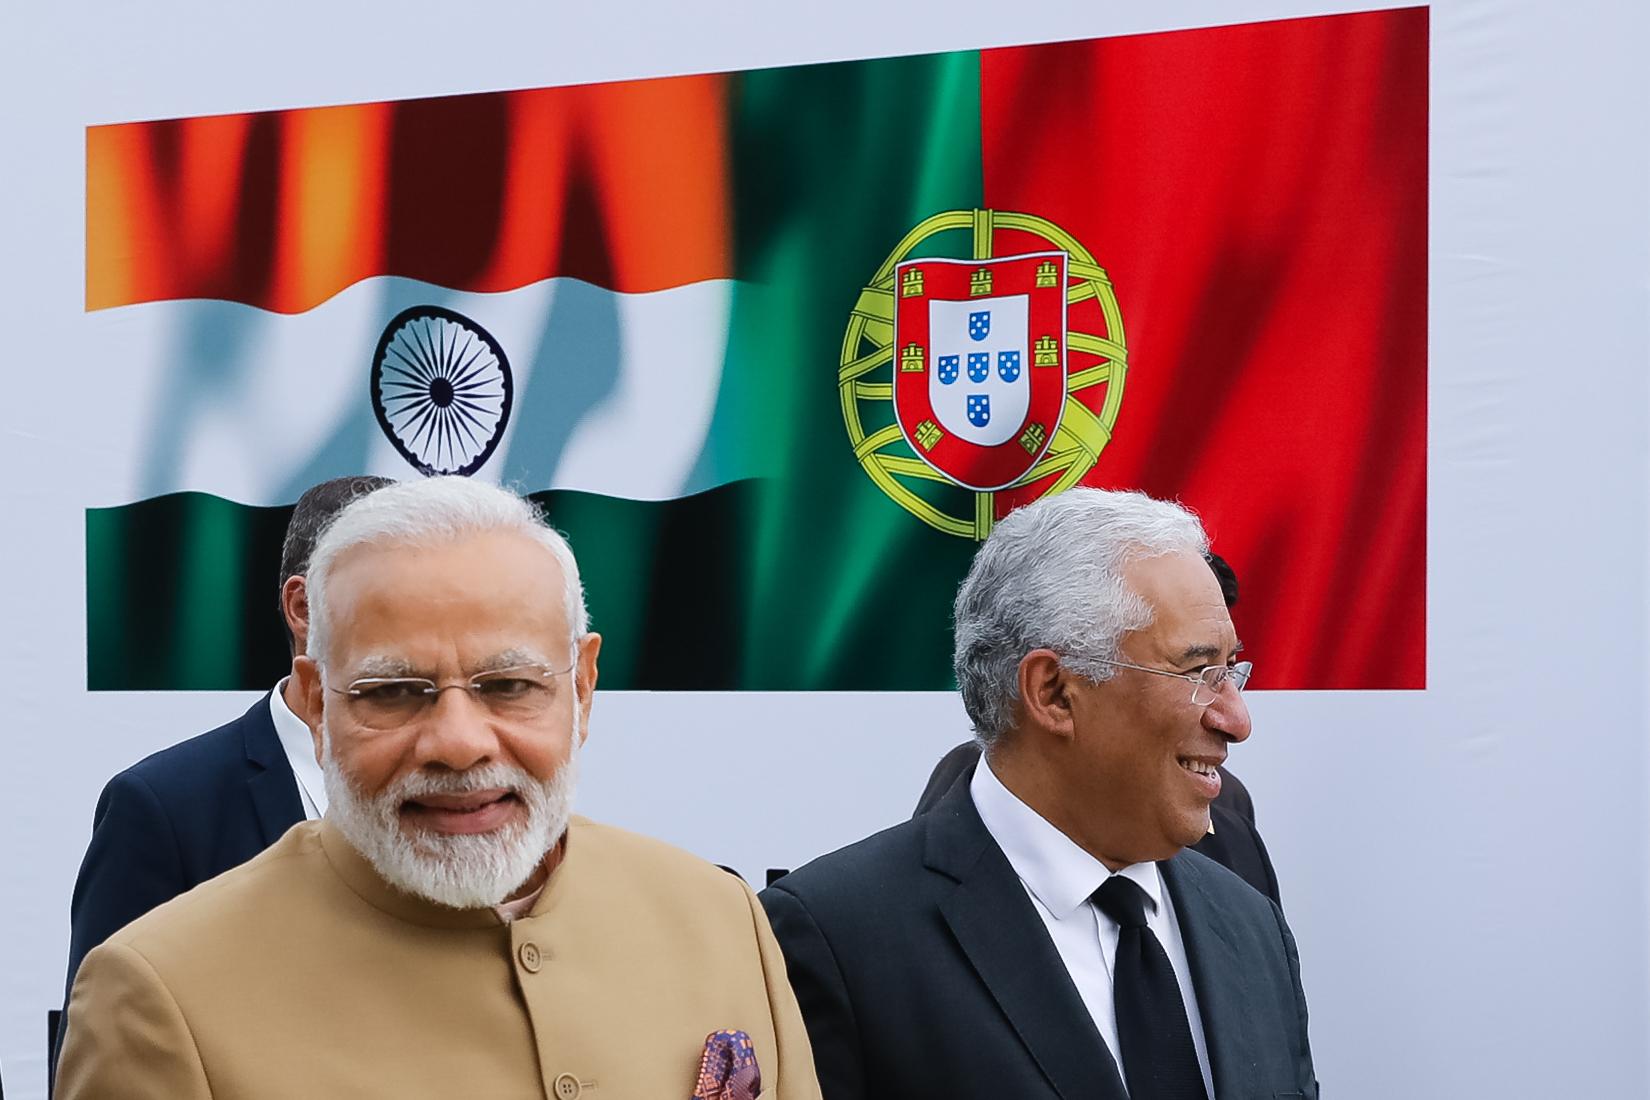 António Costa regressa à Índia na quinta-feira para reunião com Narendra Modi